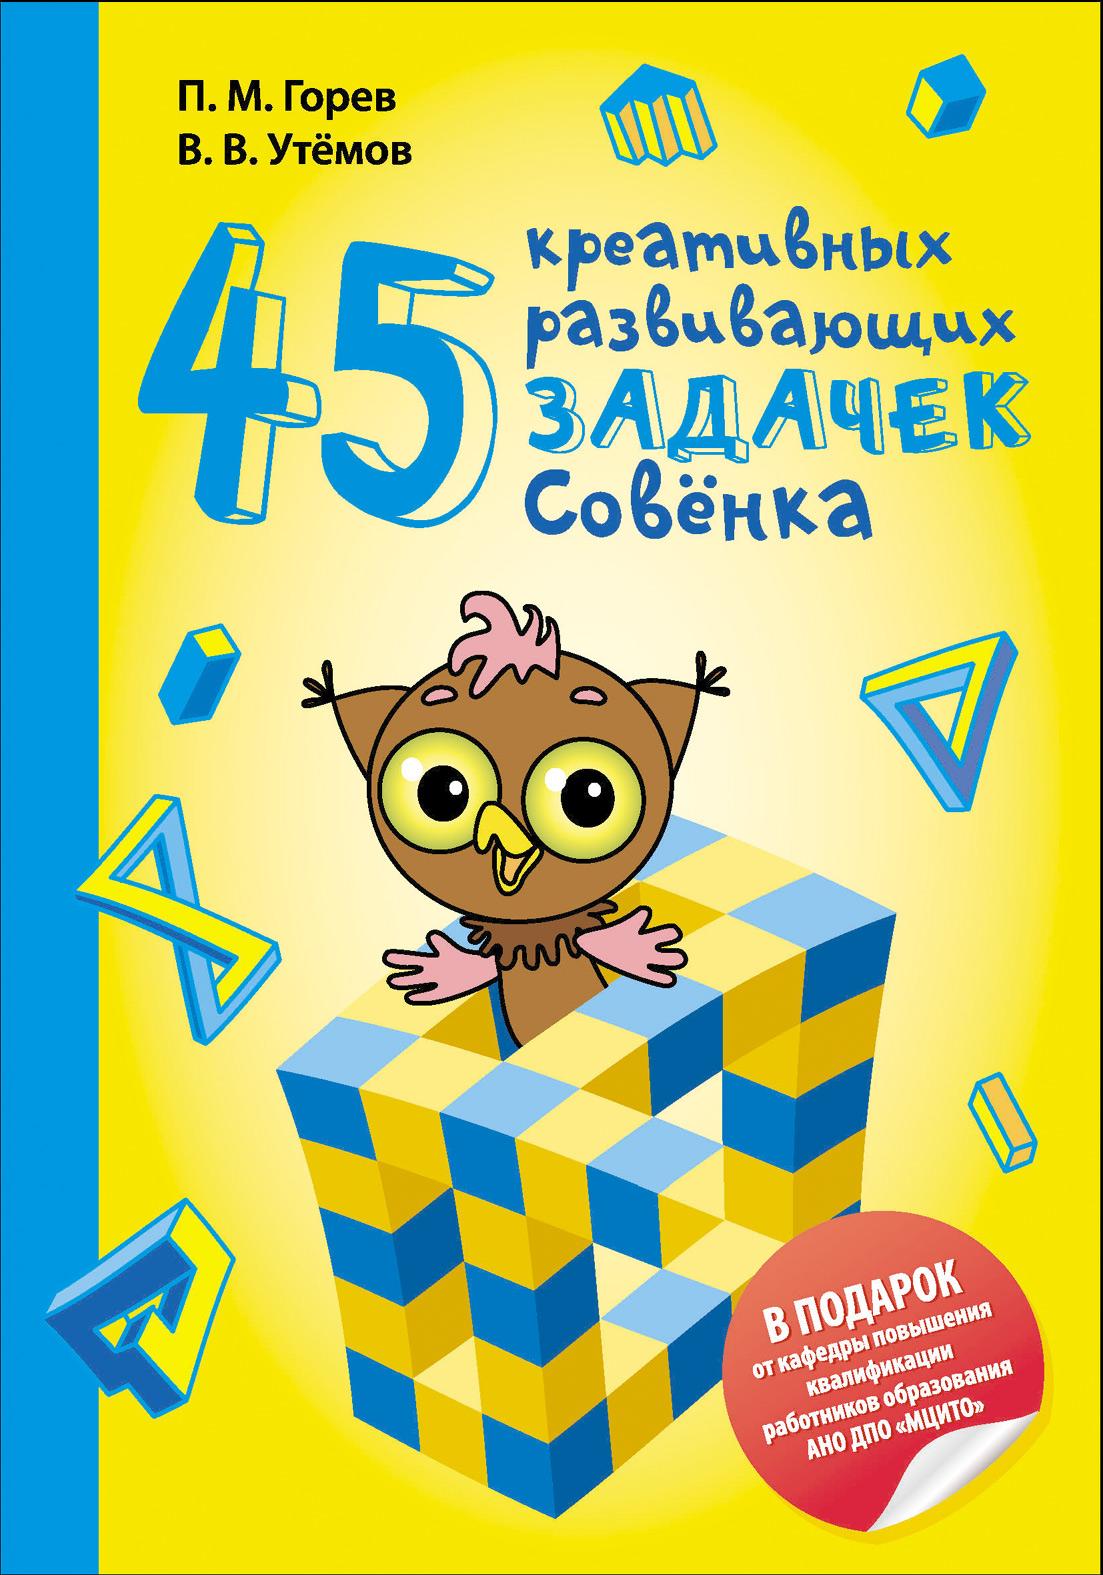 45 креативных развивающих задачек Совёнка